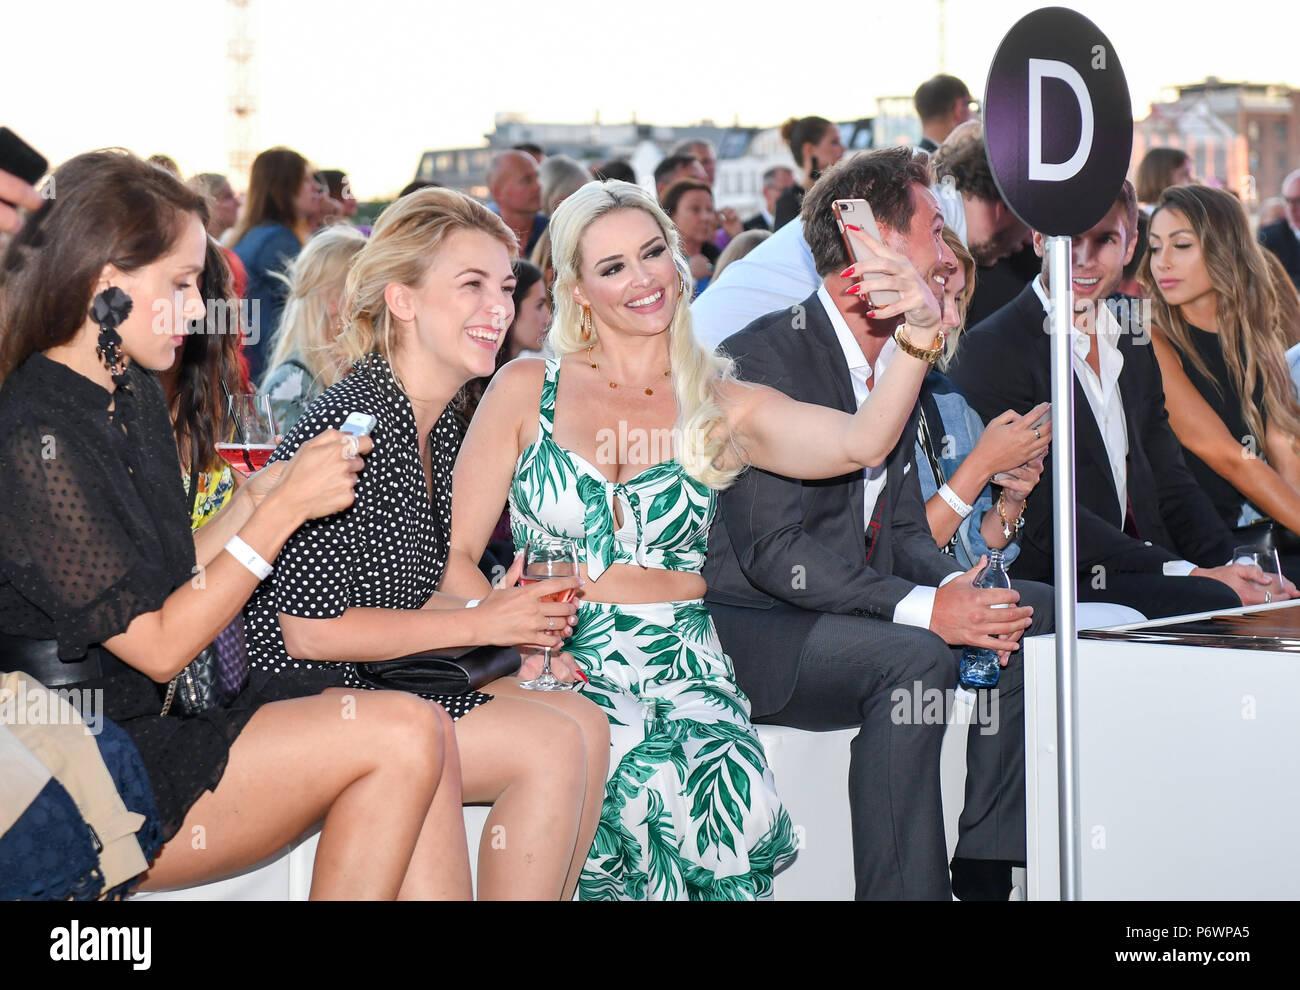 Leaked Iris Mareike Steen nudes (22 photos), Paparazzi